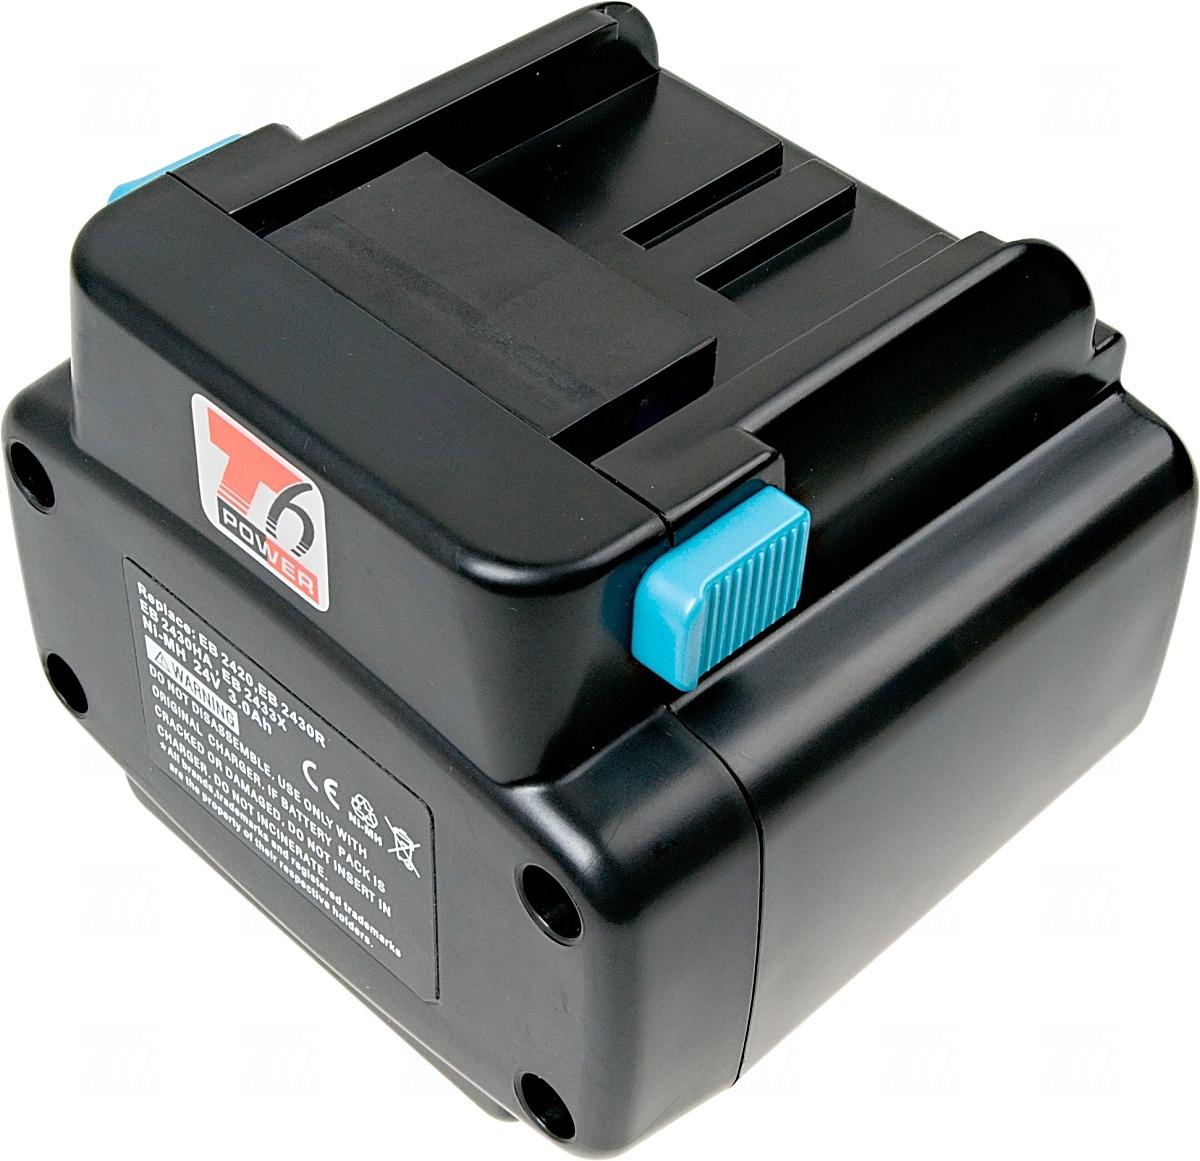 T6 power Baterie T6 power EB 2430, EB 2430HA, EB 2430R, EB 2433